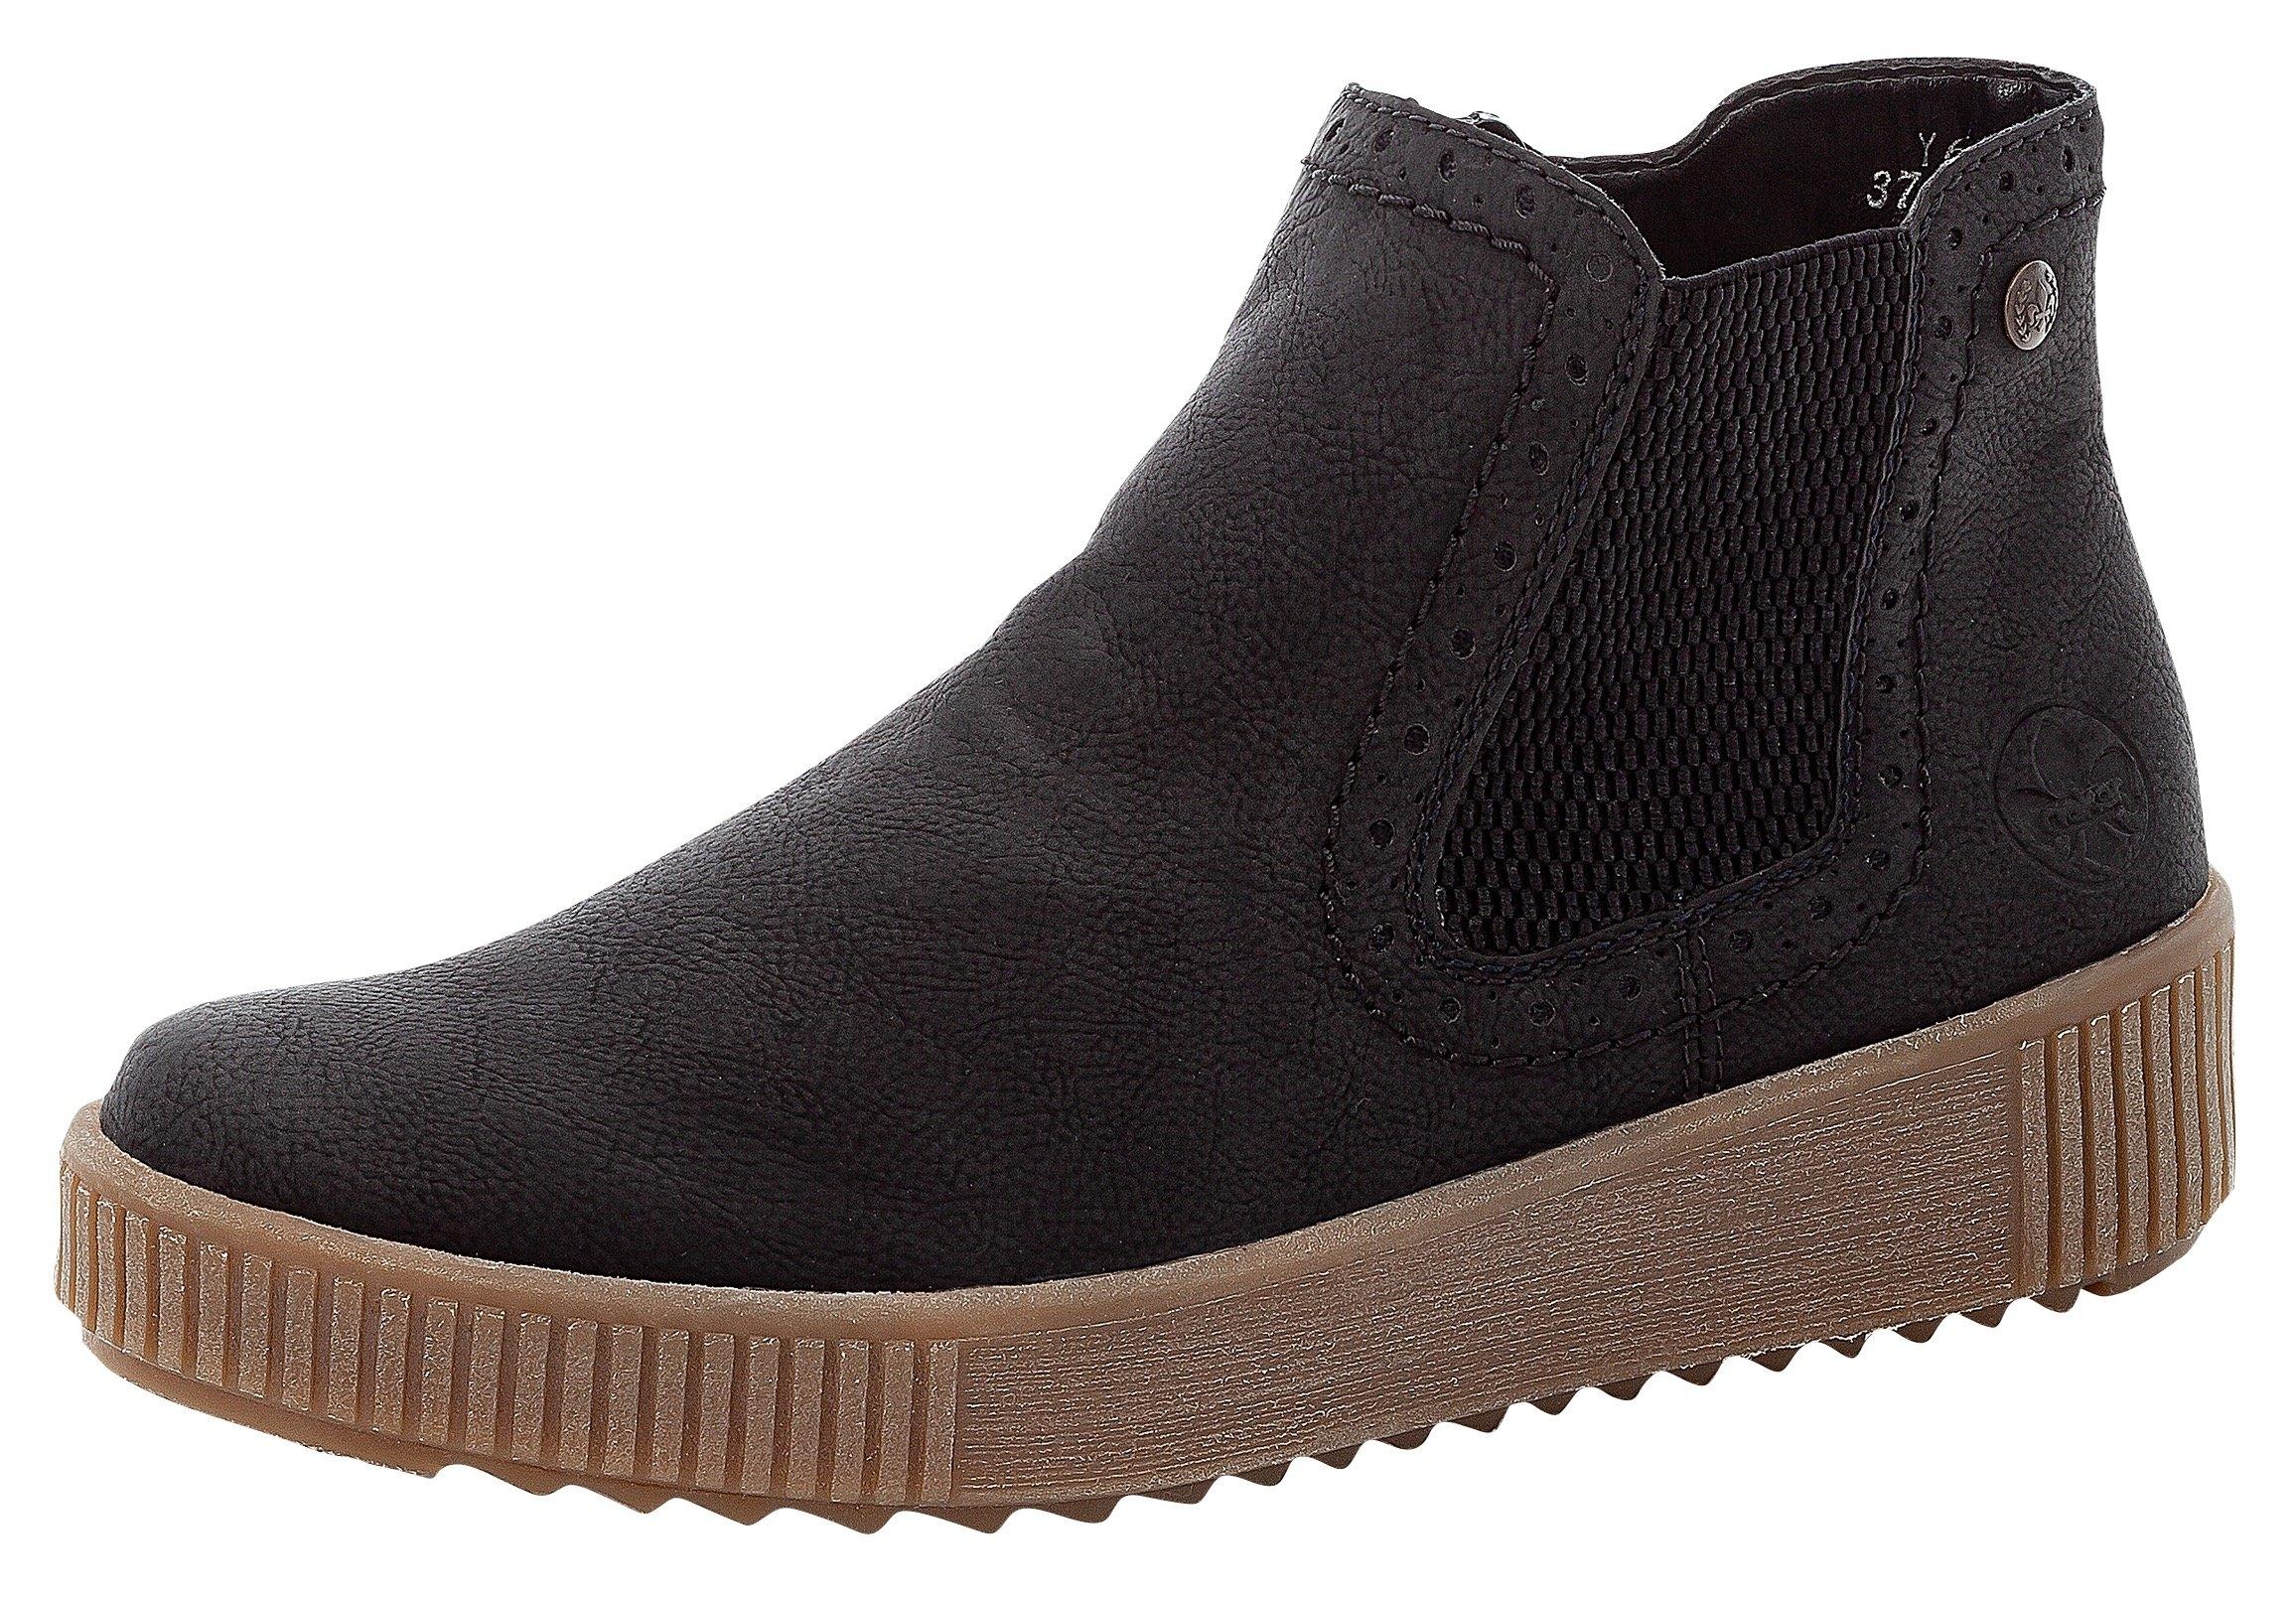 Rieker Chelsea-boots met praktische stretchinzet - gratis ruilen op otto.nl